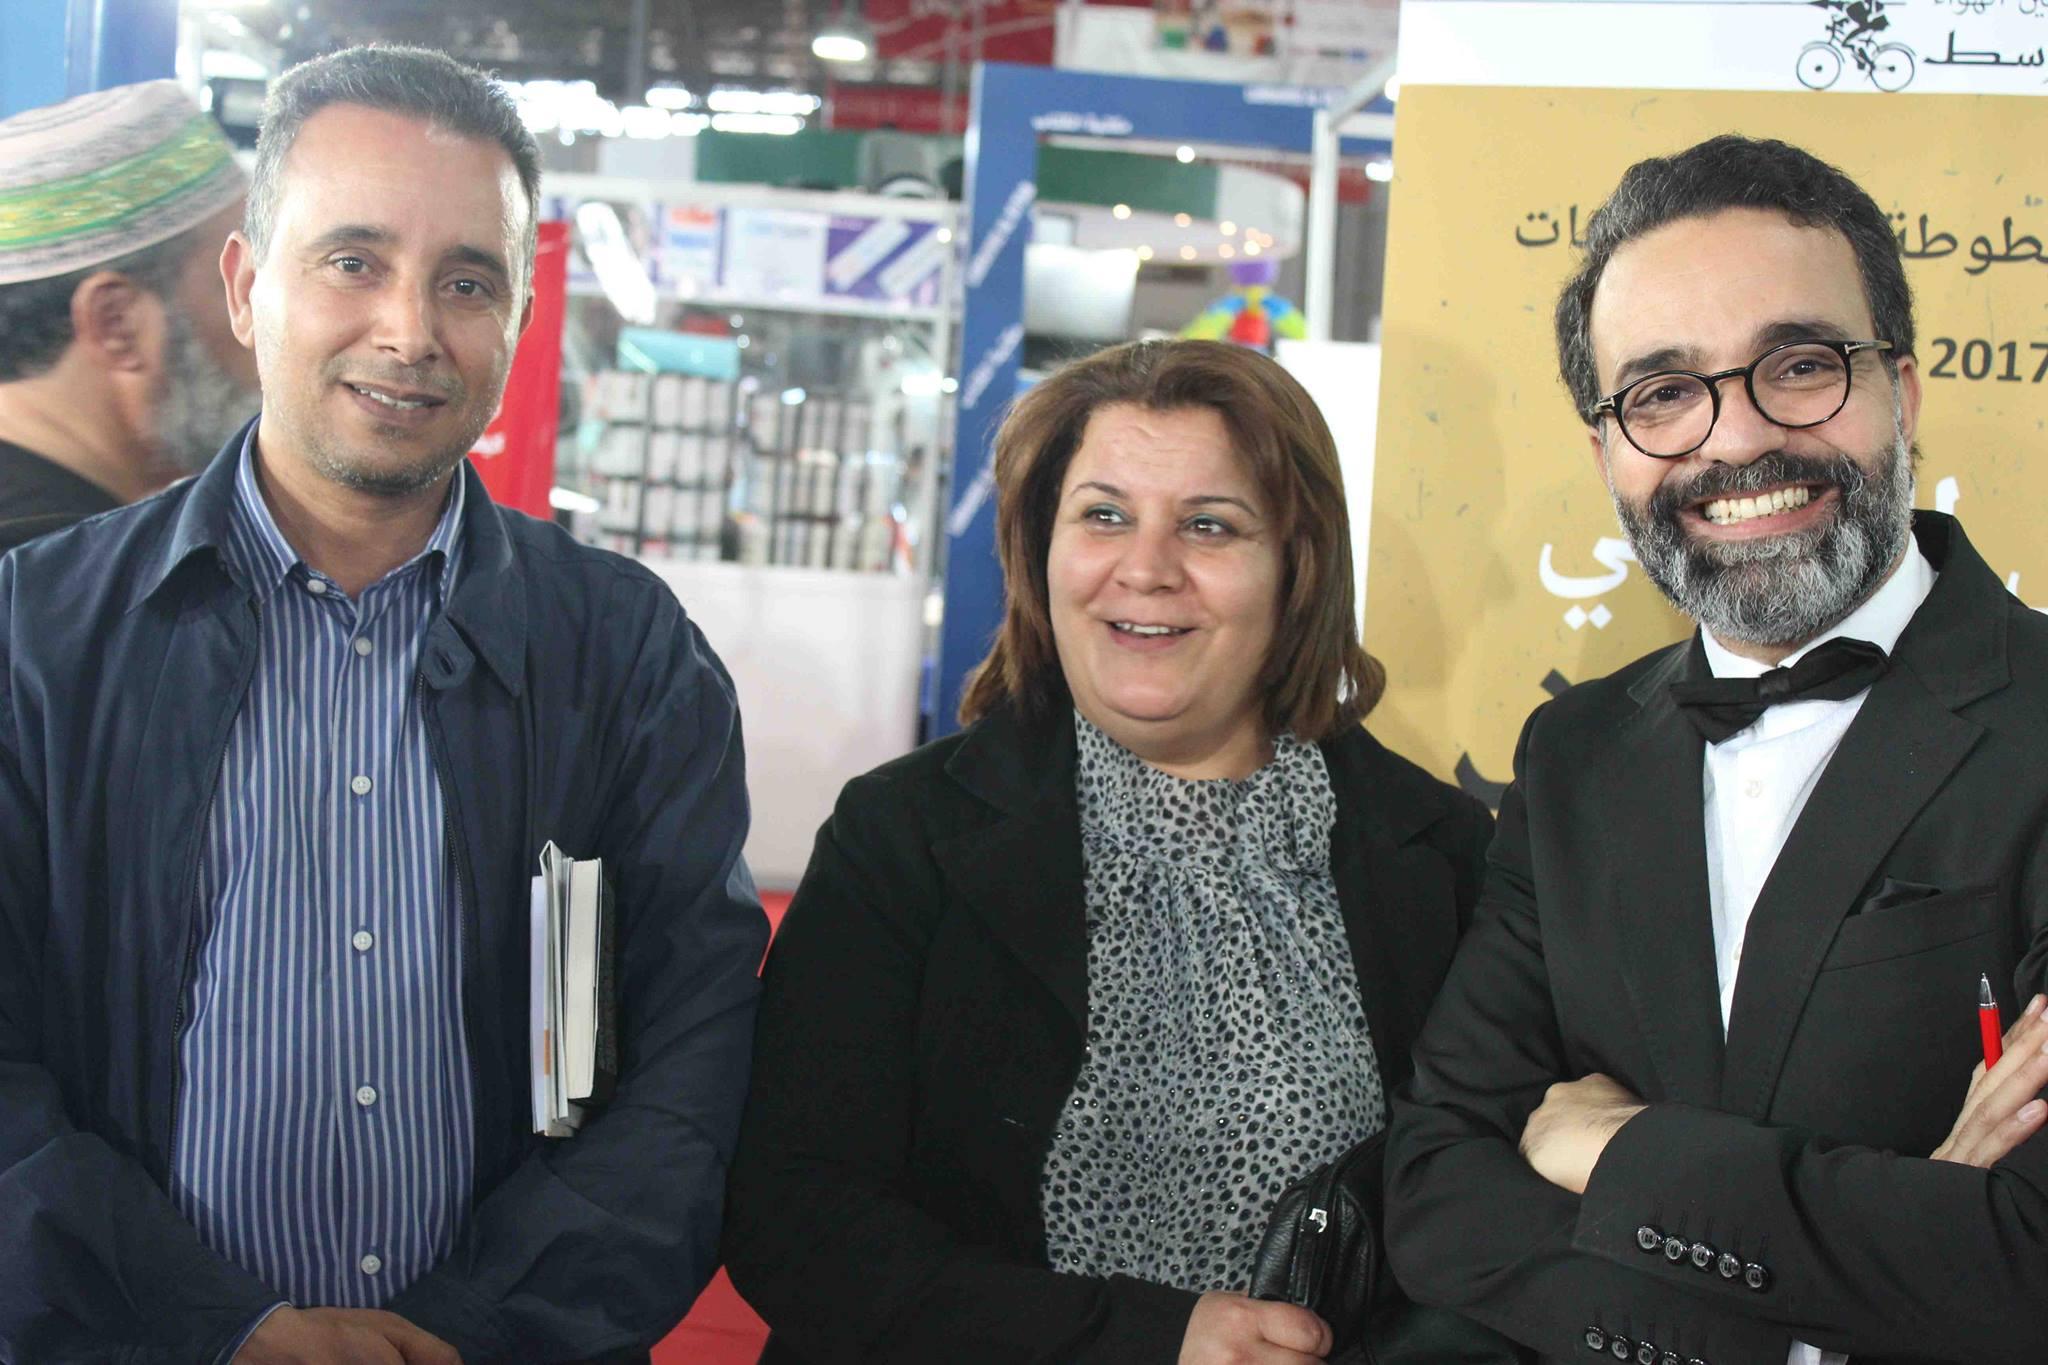 كمال الرياحى يوقع كتابه واحد صفر للقتيل الفائز بجائزة ابن بطوطة فى معرض تونس (13)